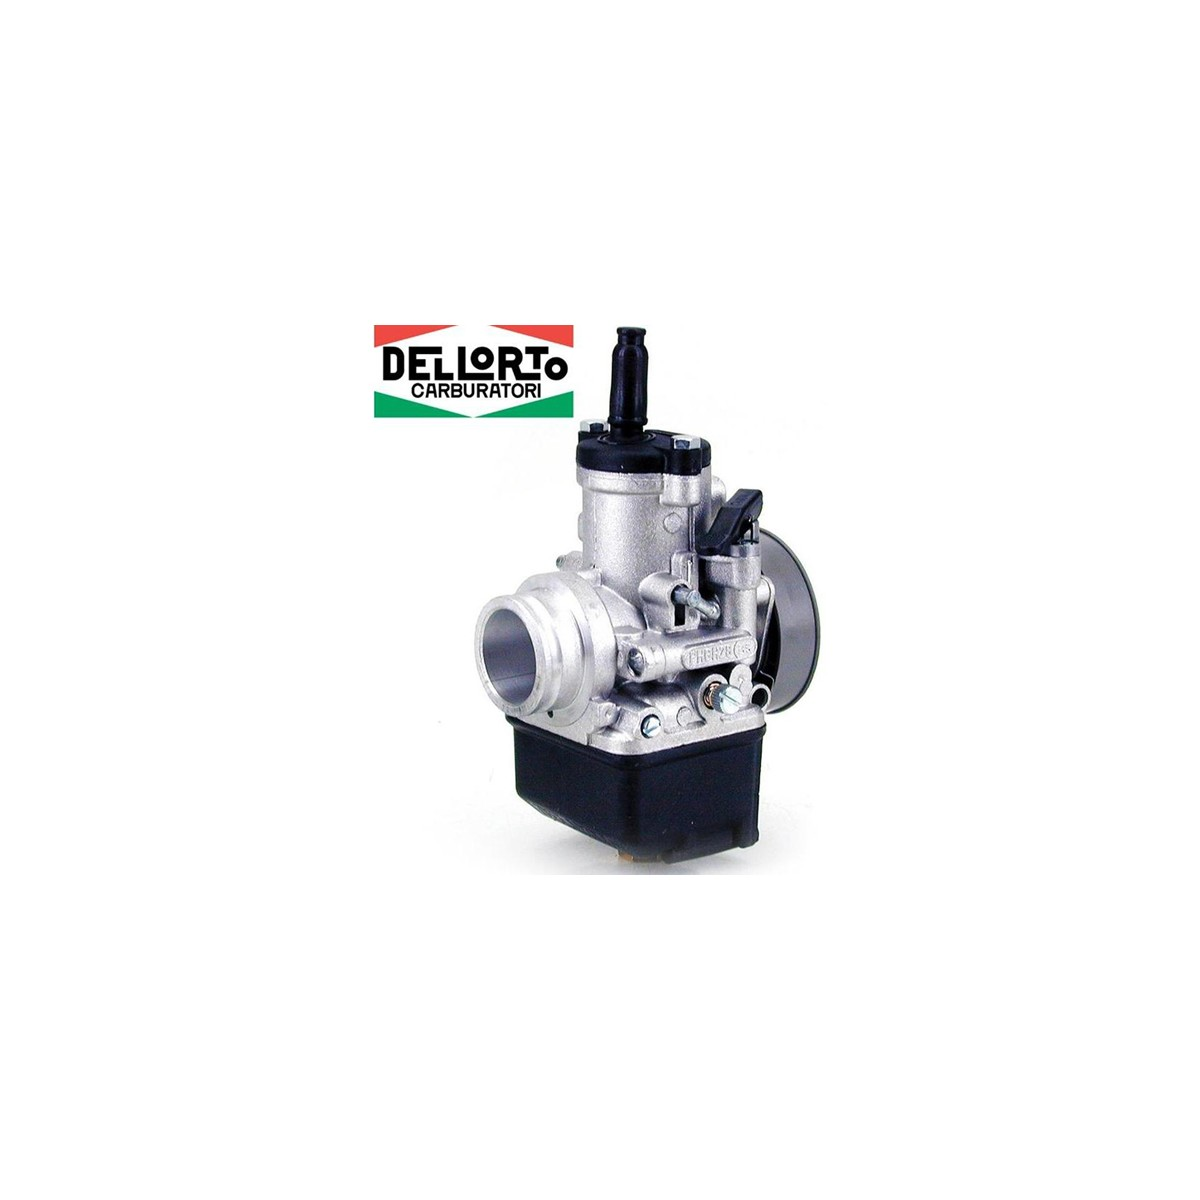 Carburatore Dellorto Phbh 28 Booster Camamoto S R L